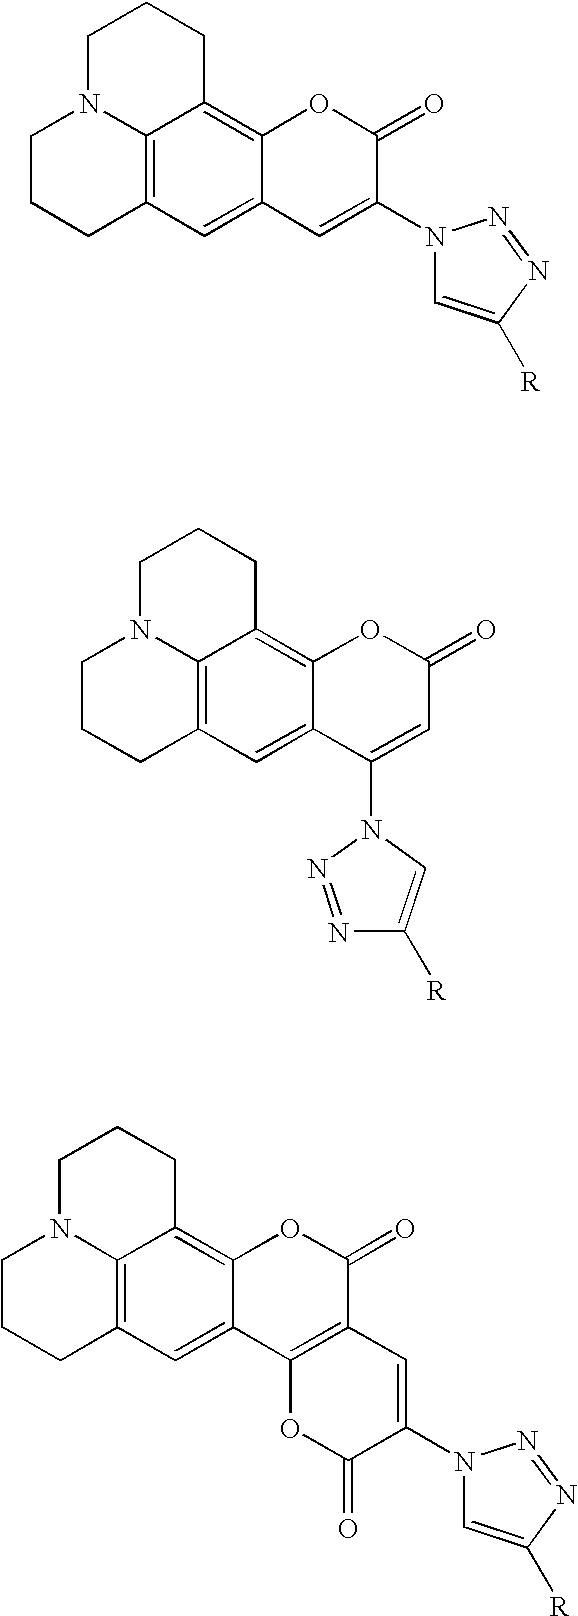 Figure US07745229-20100629-C00007